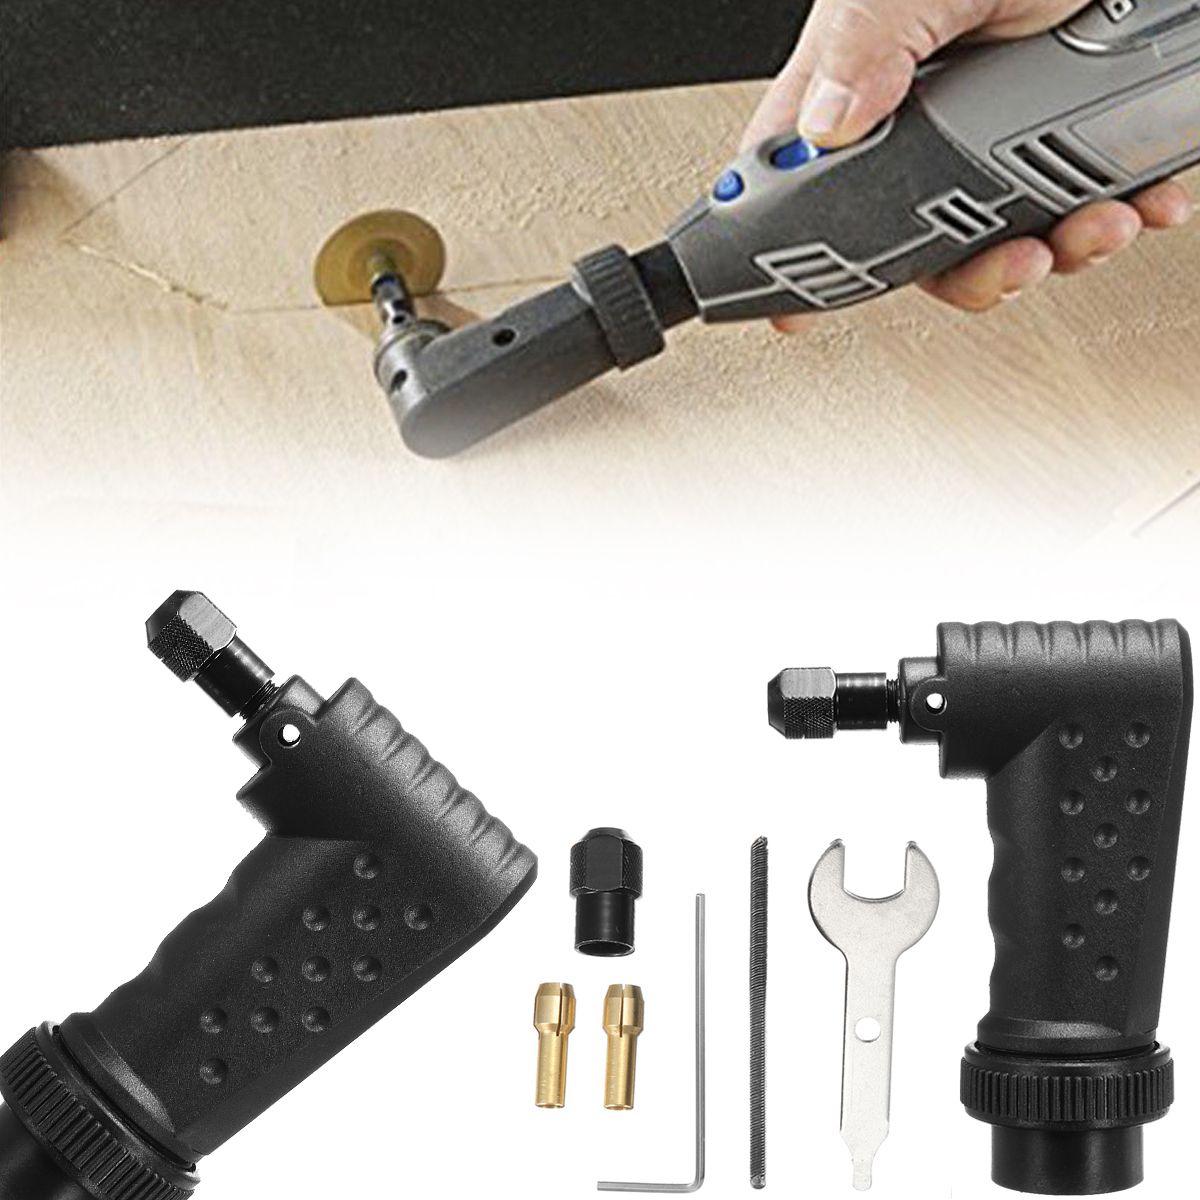 Convertisseur à Angle droit accessoire pour outil Dremel accessoires outils rotatifs fit Original 4000 3000 8200 275 Kit de meuleuse électrique